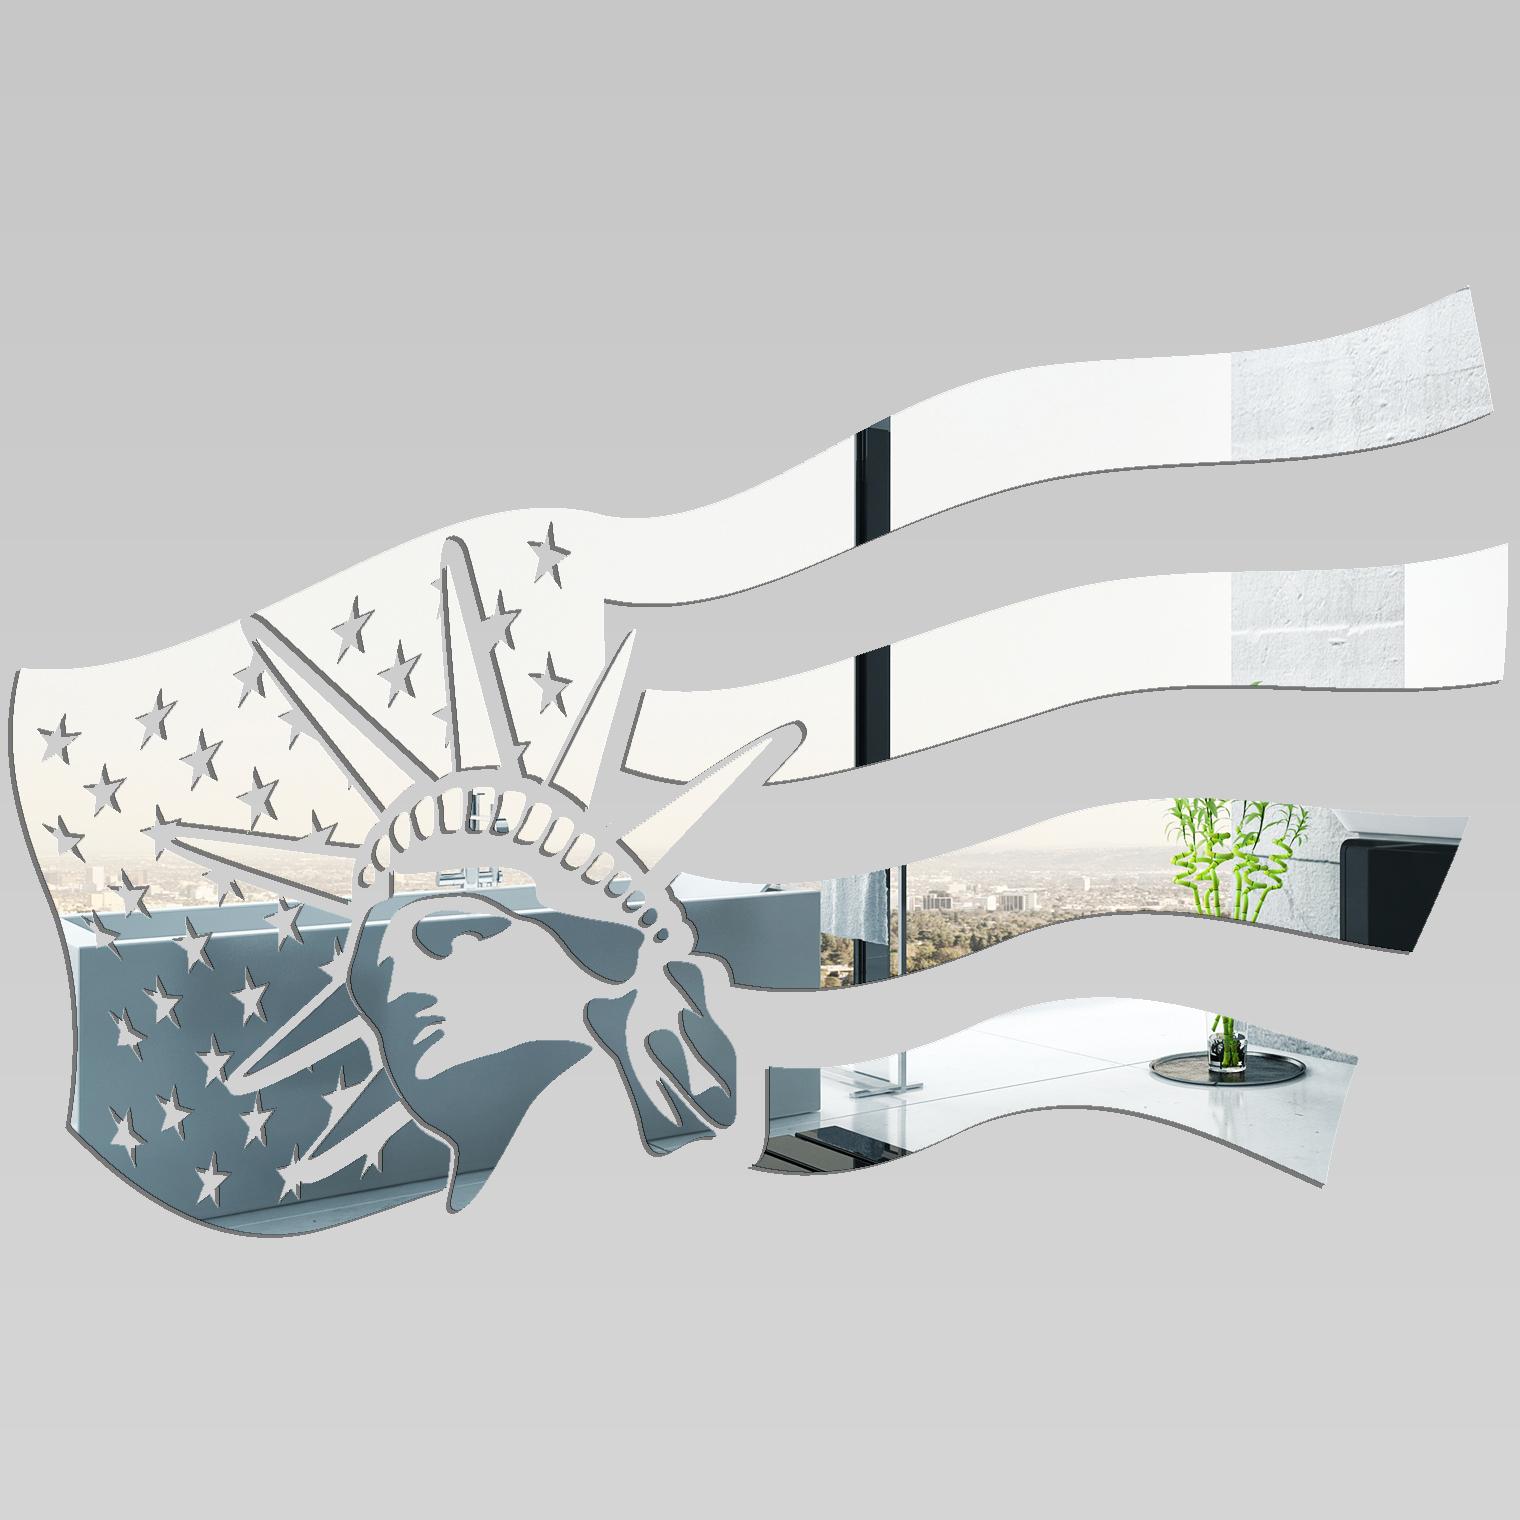 Miroir plexiglass acrylique united state pas cher for Miroir acrylique